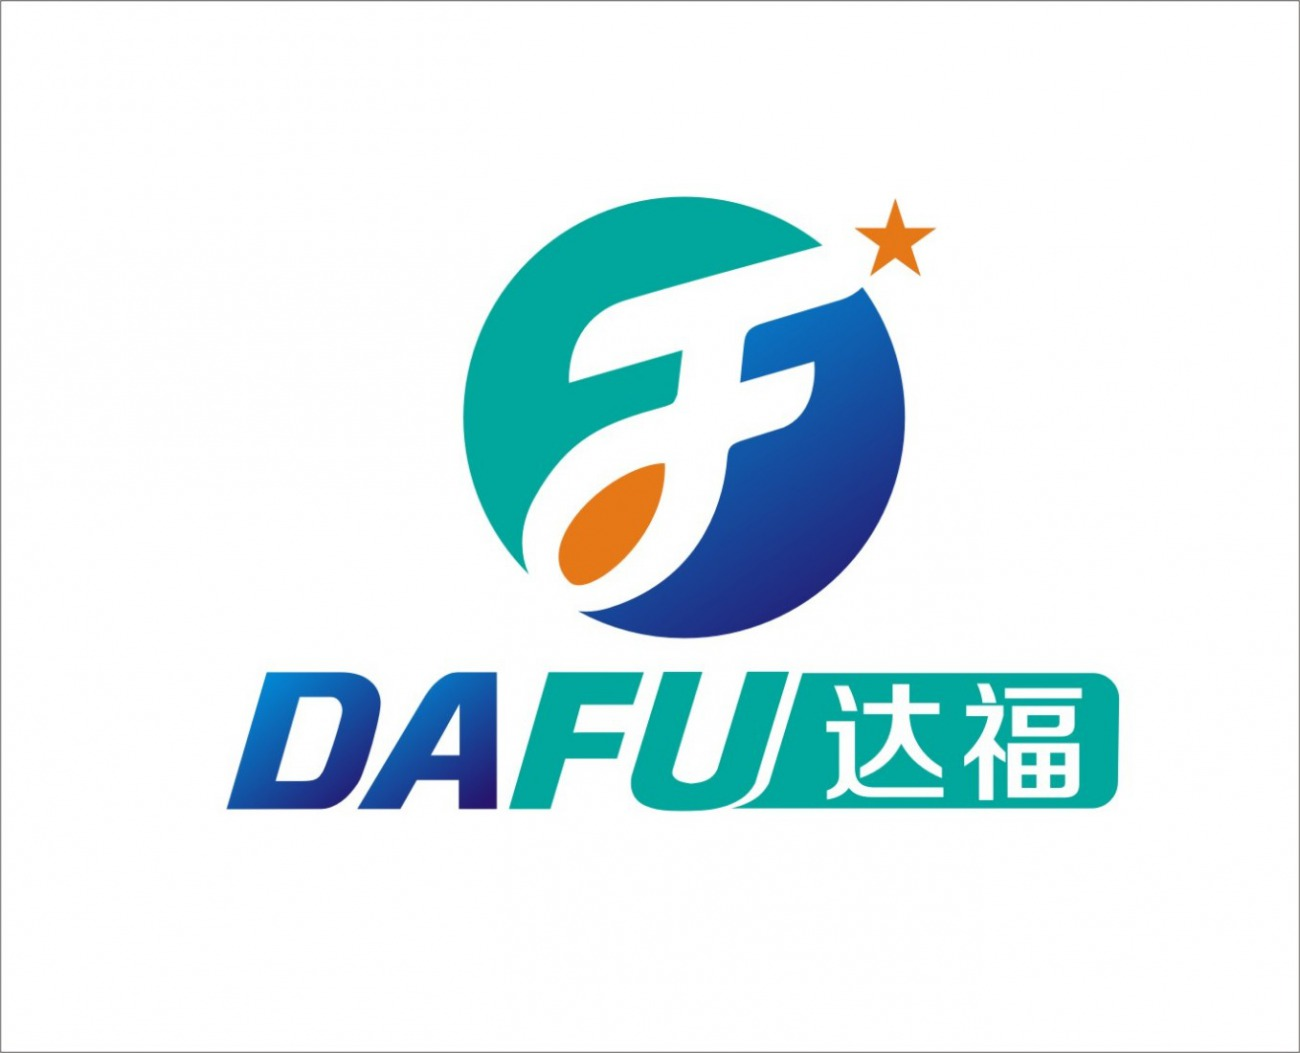 廣州達福生物科技有限公司